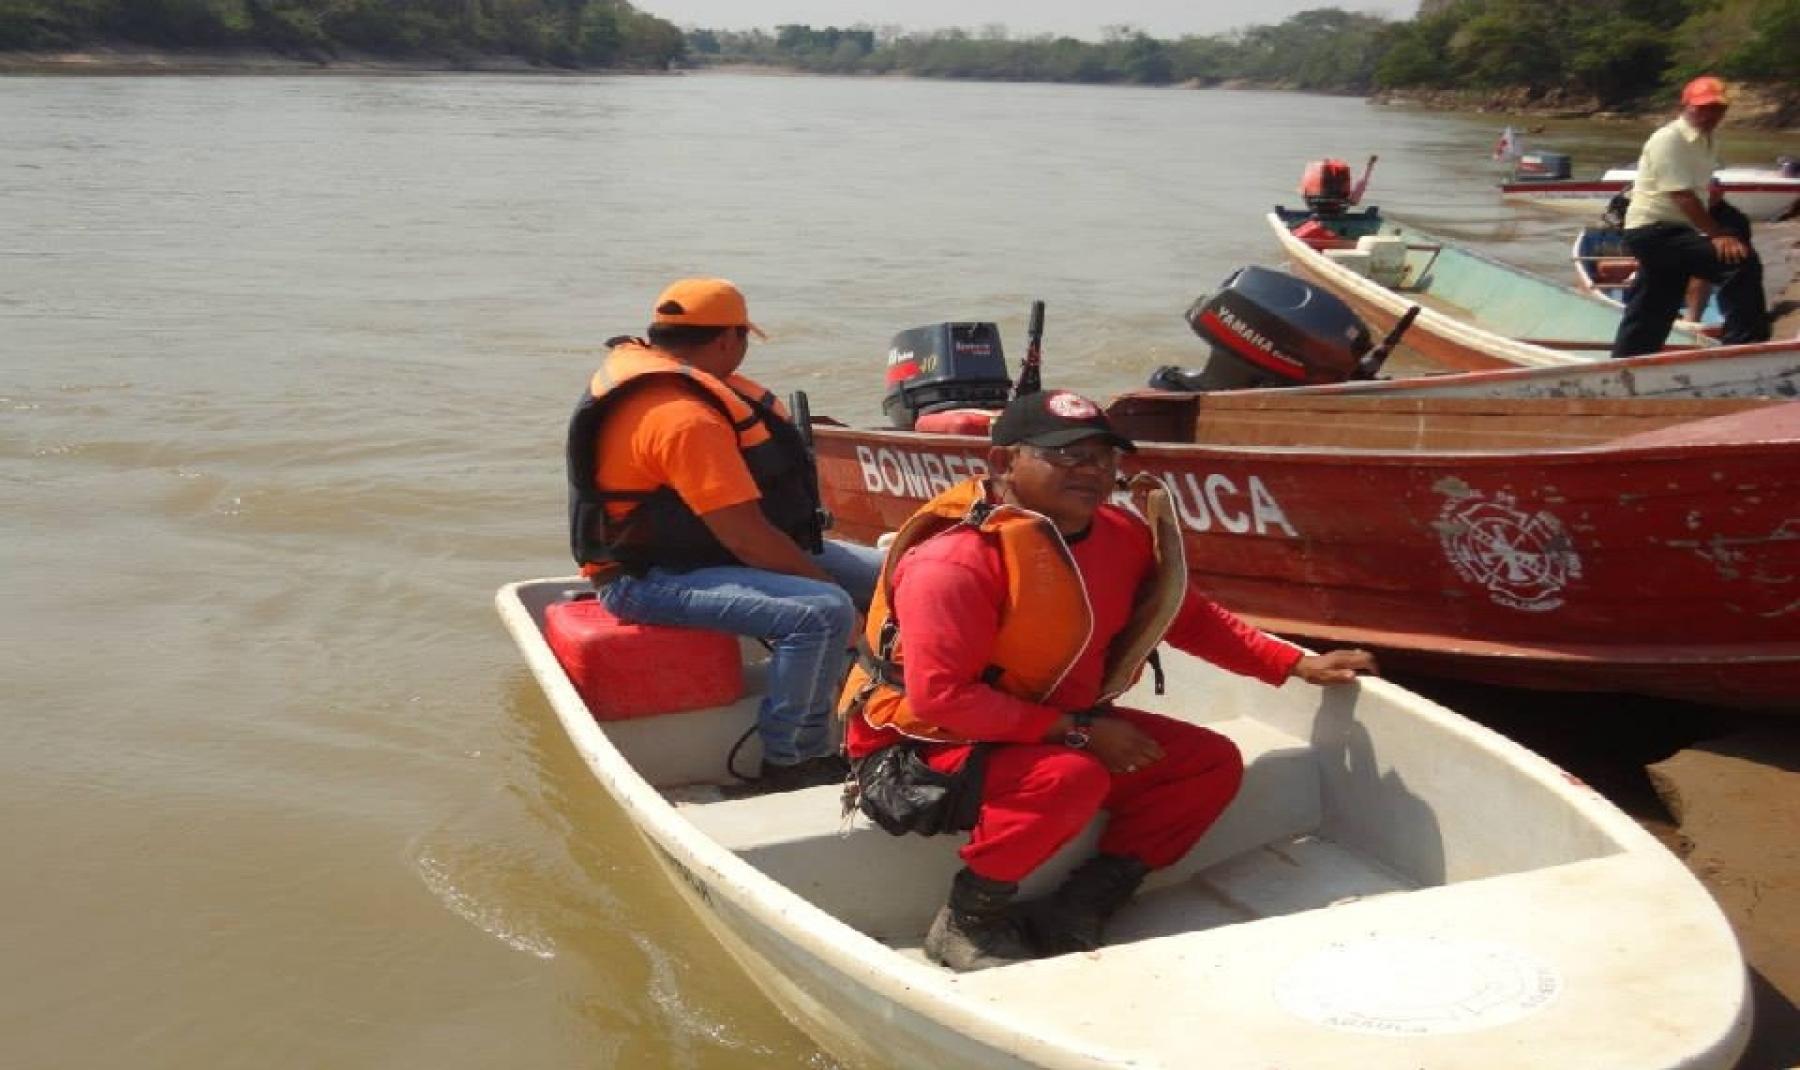 Niño indígena de dos años se ahogó en Caño Azul de San José de El Lipa.  Iba con su mamá en una canoa y chocaron contra un tronco.